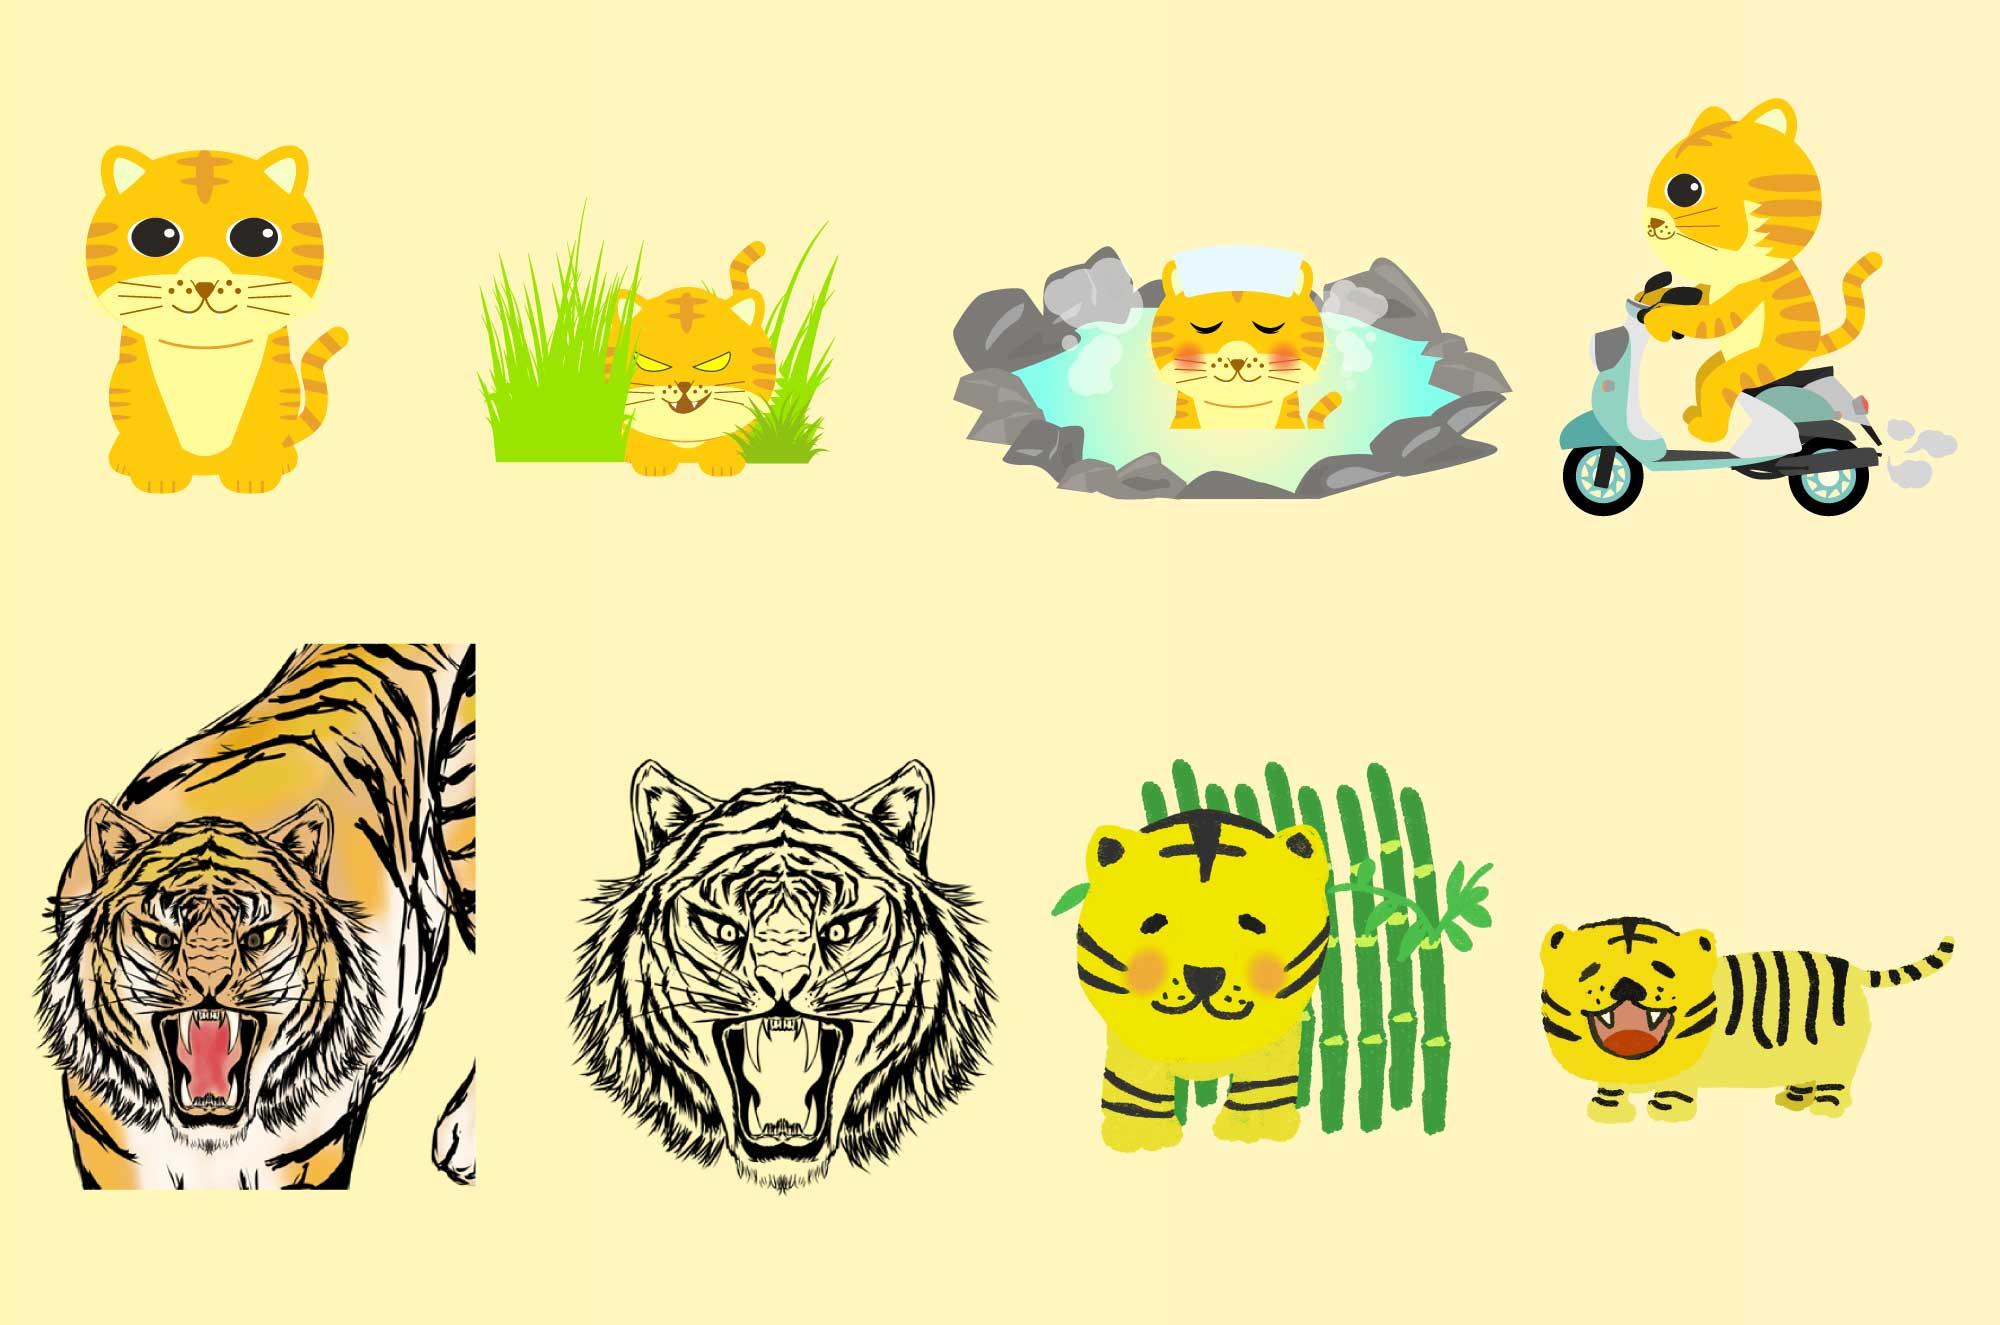 虎イラスト - 無料の可愛い・かっこいい動物フリー素材